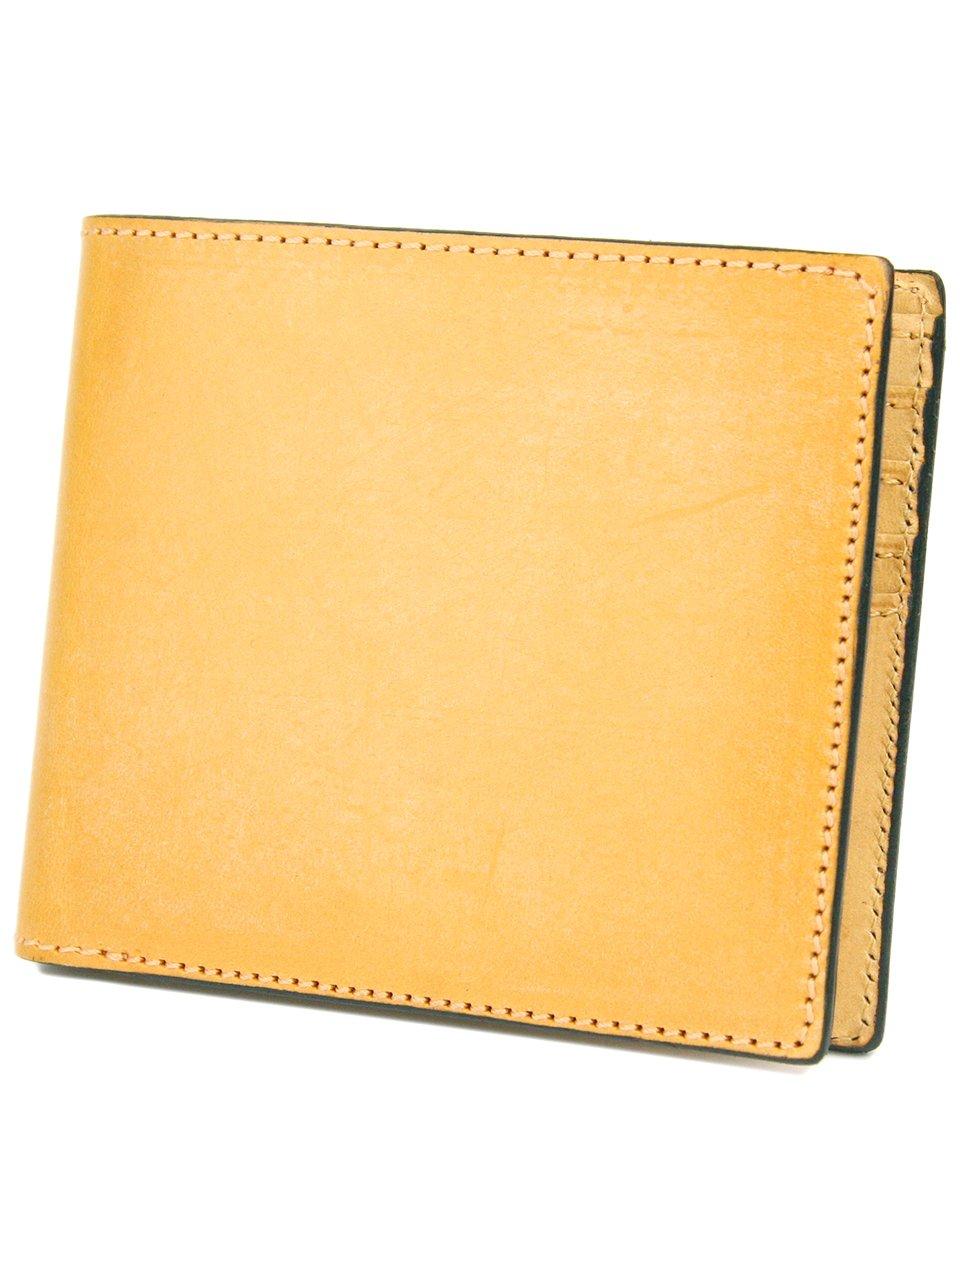 [コルボ] CORBO. -face Bridle Leatherフェイス ブライドルレザー シリーズ 二つ折り財布 1LD-0228 CO-1LD-0228 B006G4HEKI ブラウン ブラウン